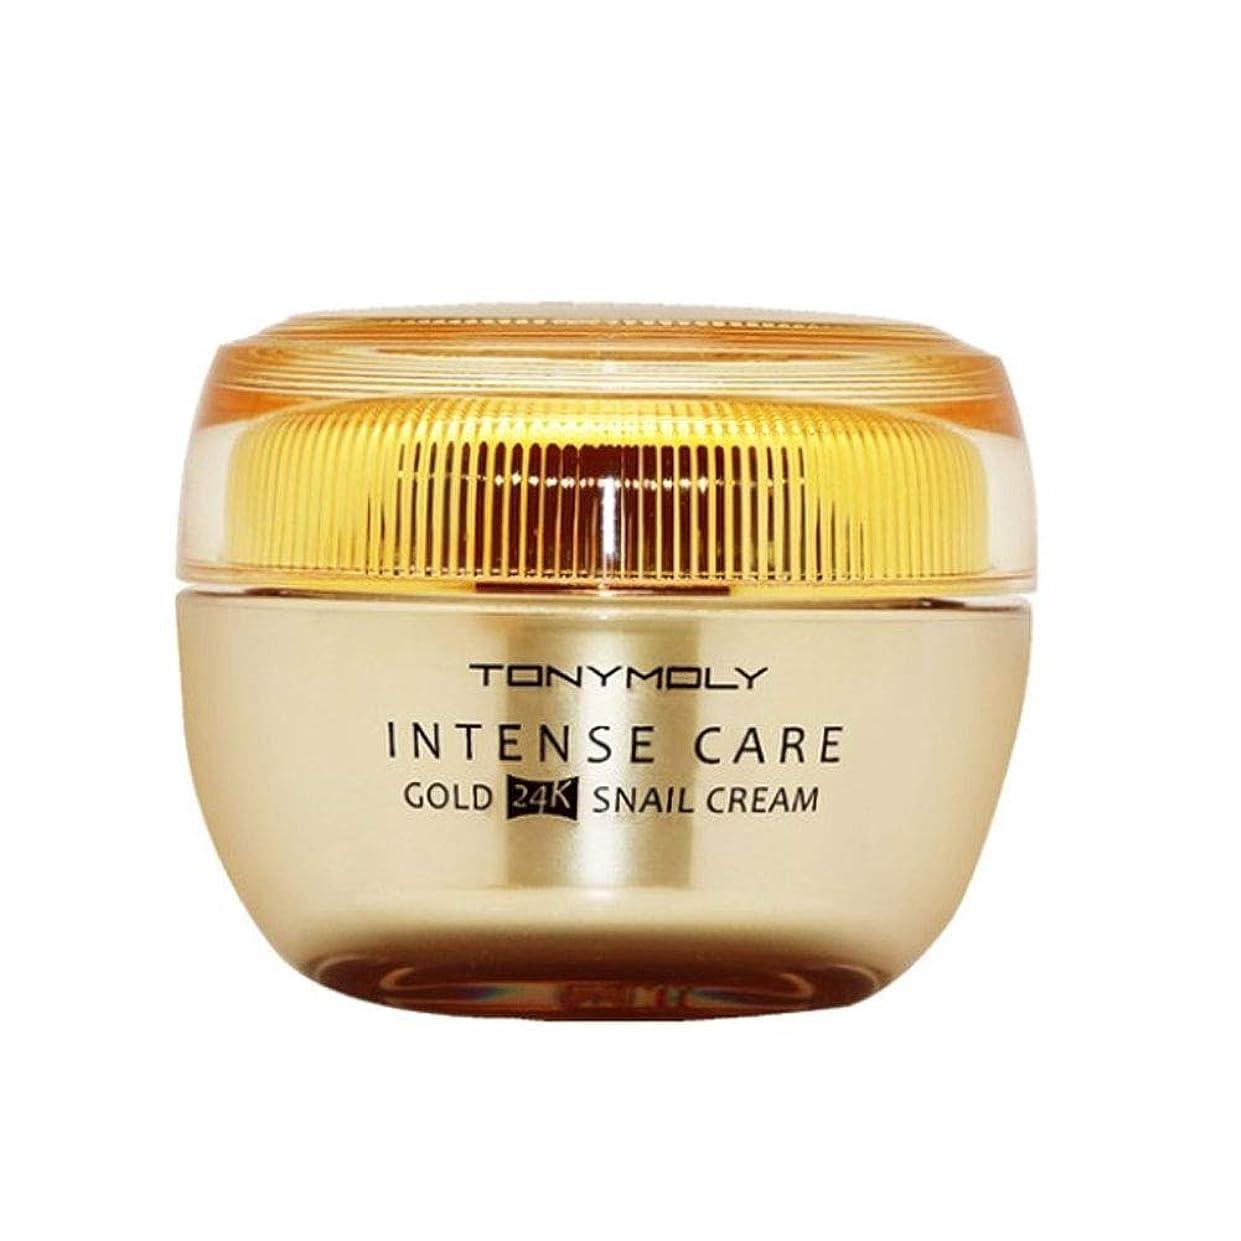 デモンストレーション請求邪悪なトニーモリーインテンスケアゴールド24Kスネールクリーム45ml x 2本セット美白、シワ改善クリーム、Tonymoly Intense Care Gold 24K Snail Cream 45ml x 2ea Set Whitening Wrinkle Care Cream [並行輸入品]